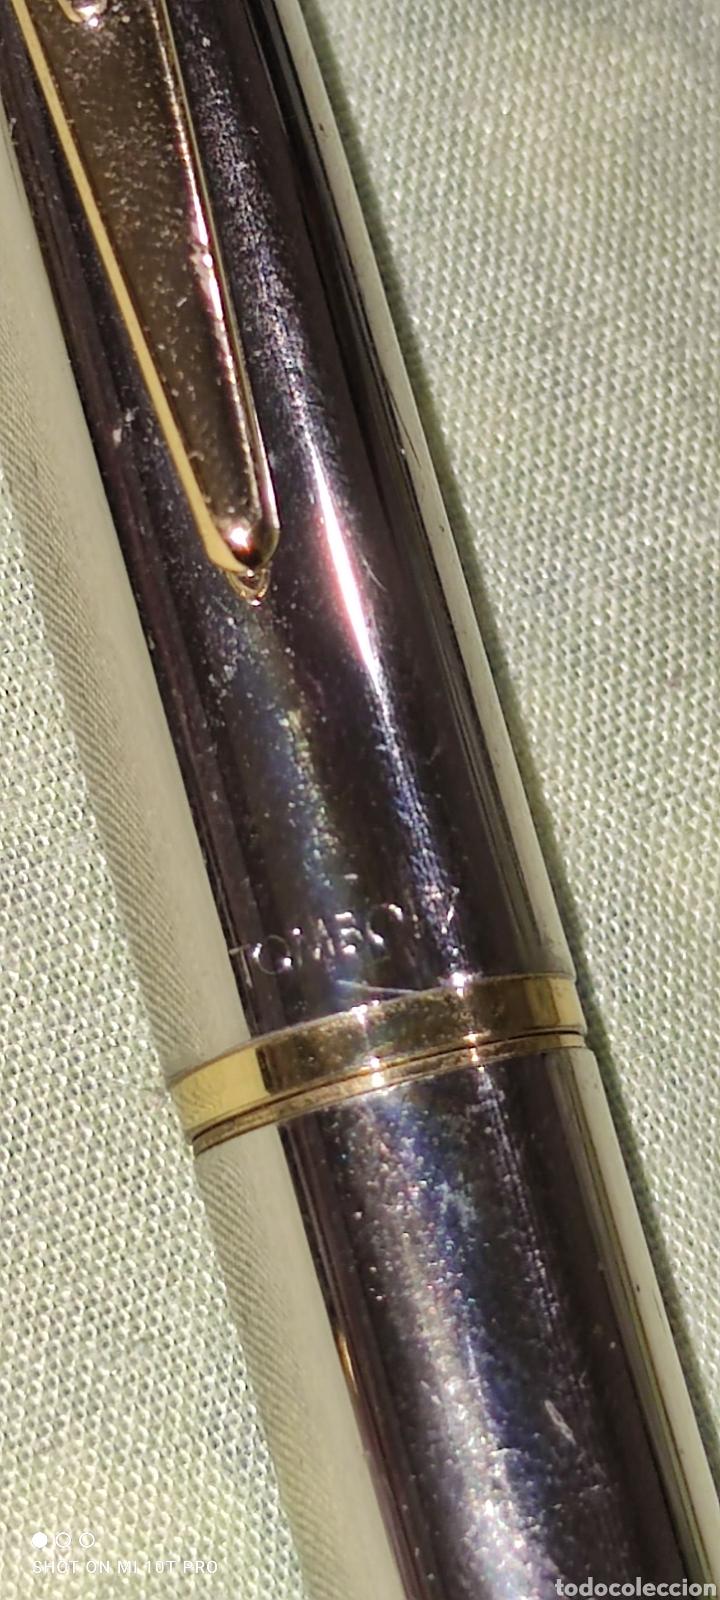 Bolígrafos antiguos: Bolígrafo tombow - Foto 11 - 293661333